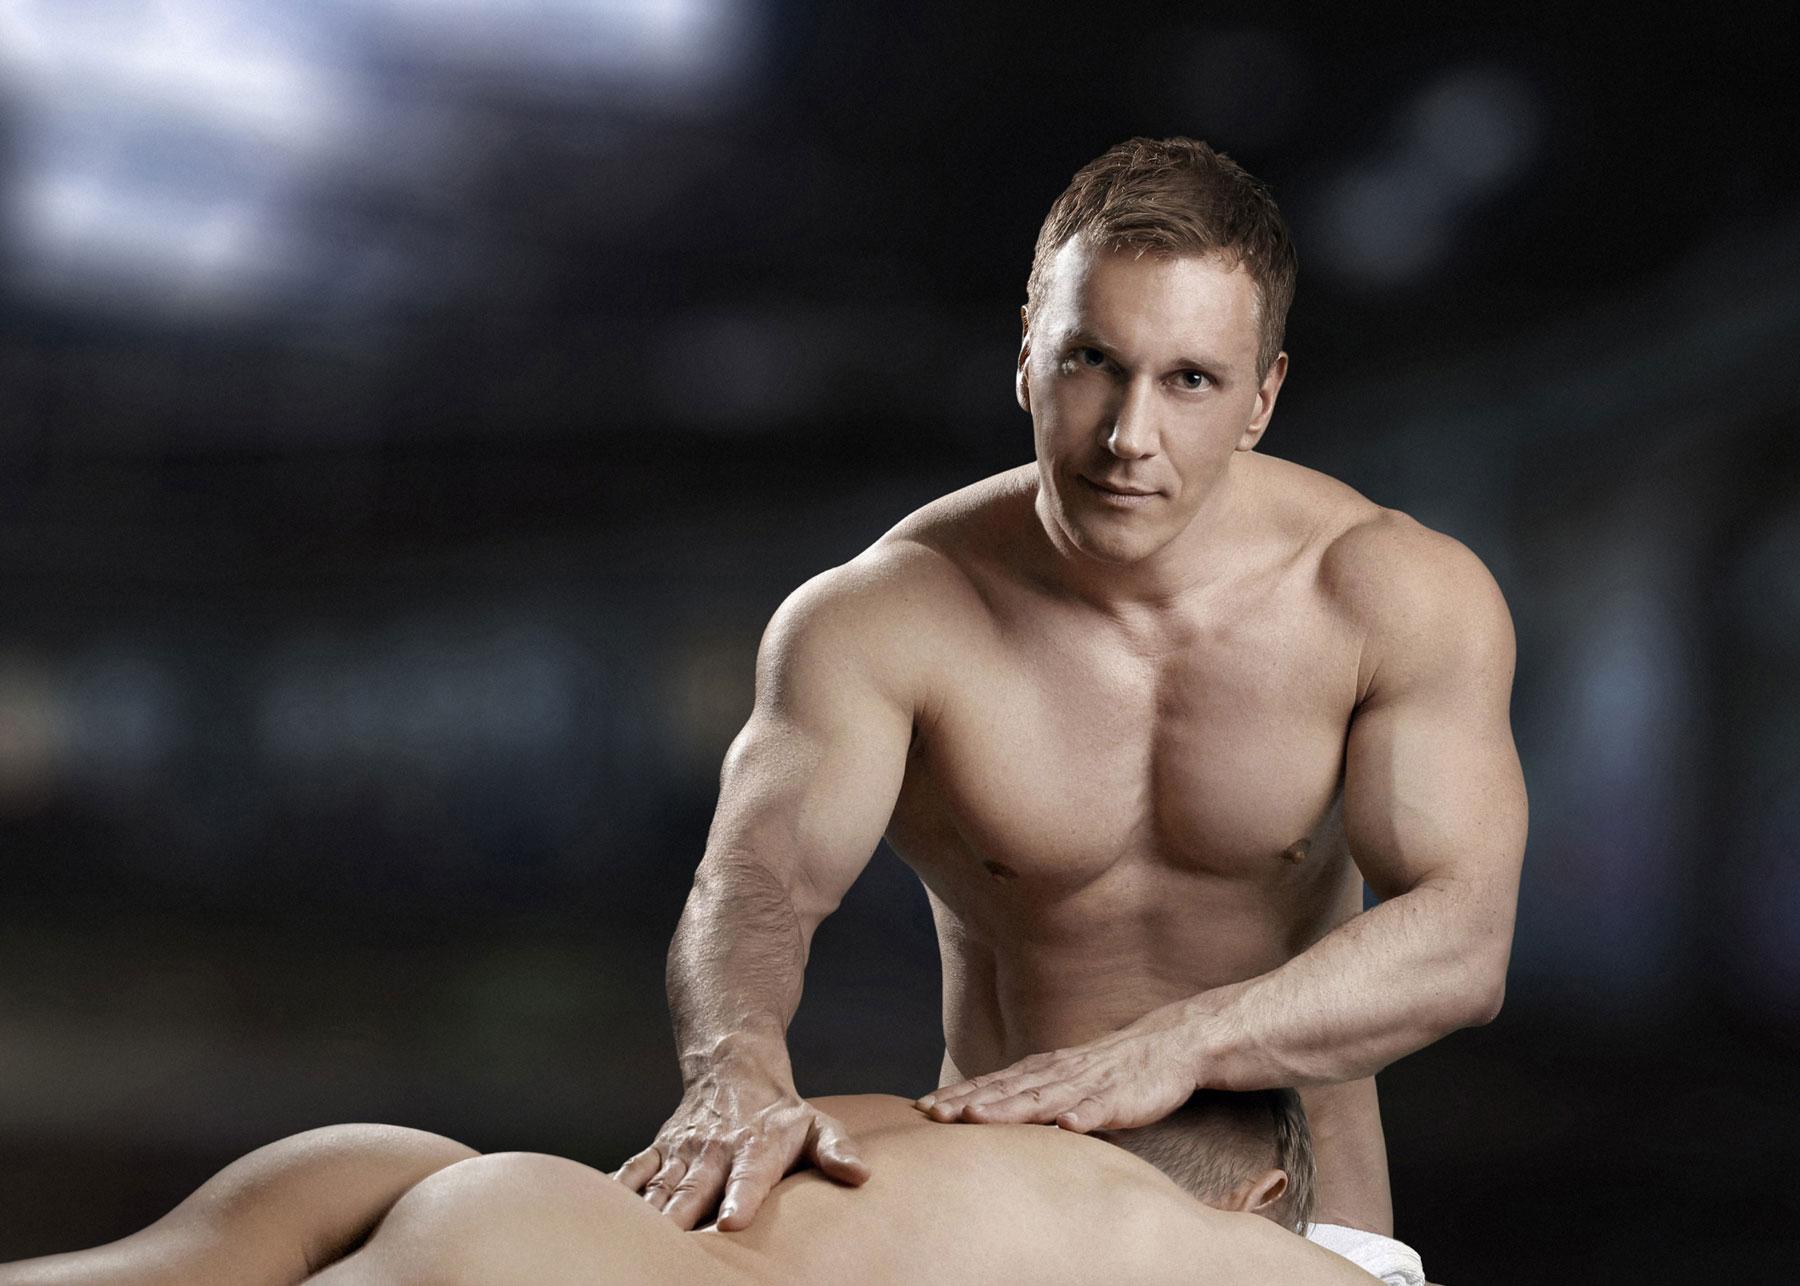 gay massage helsinki sinkkubileet helsinki